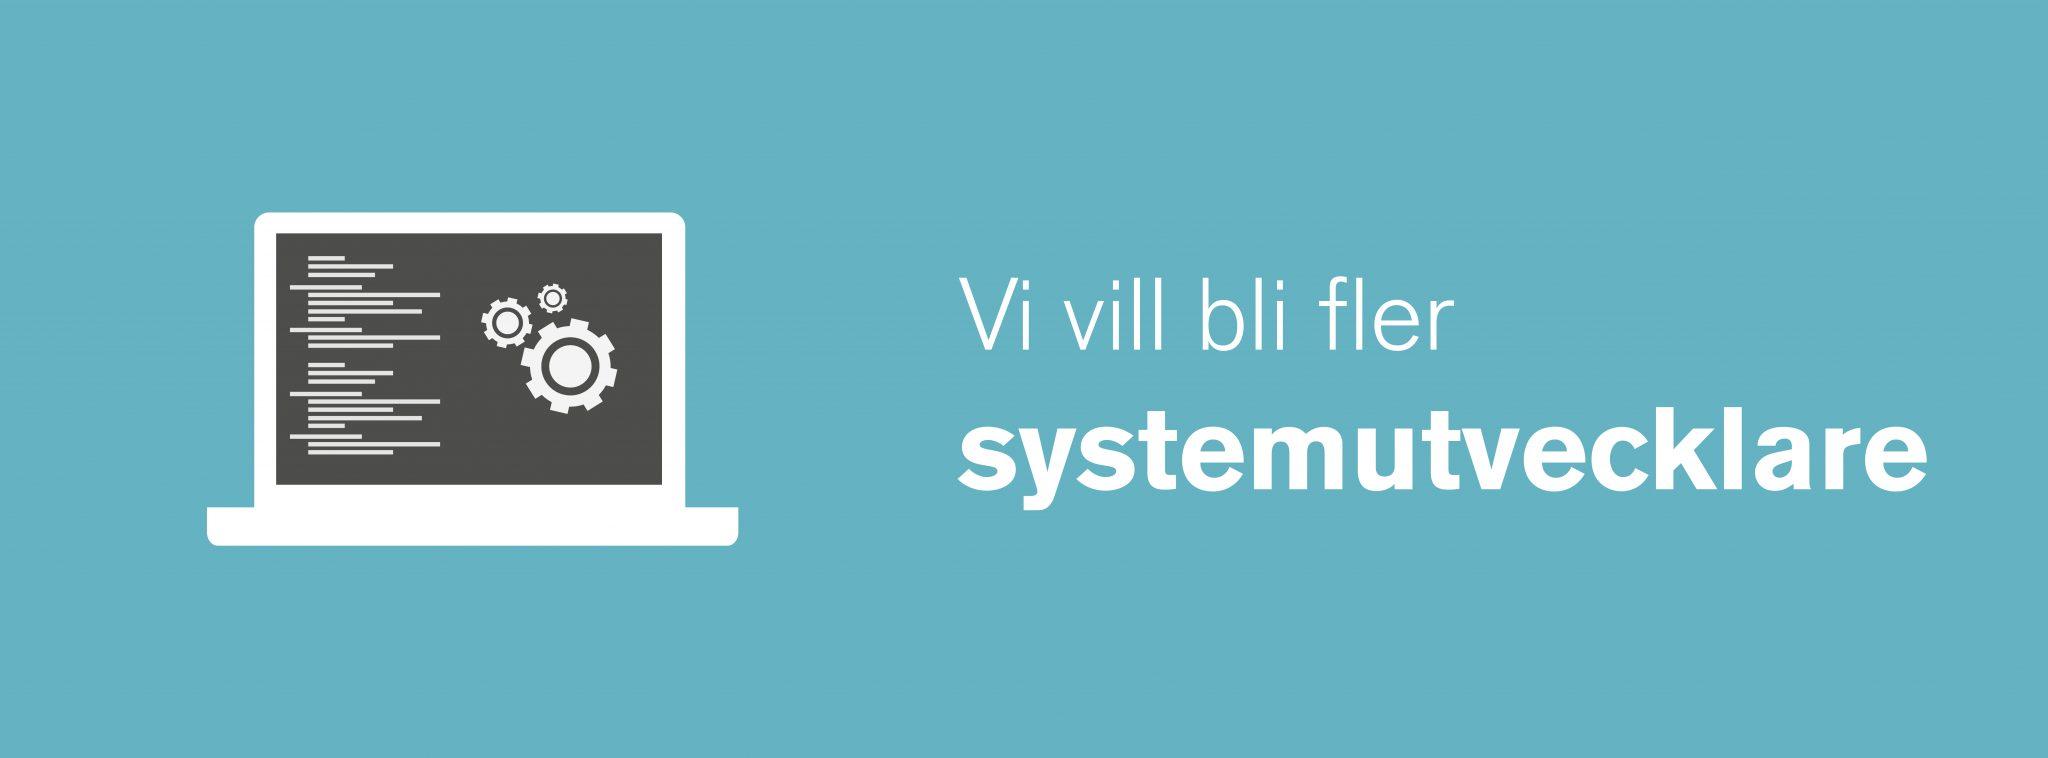 Systemutvecklare